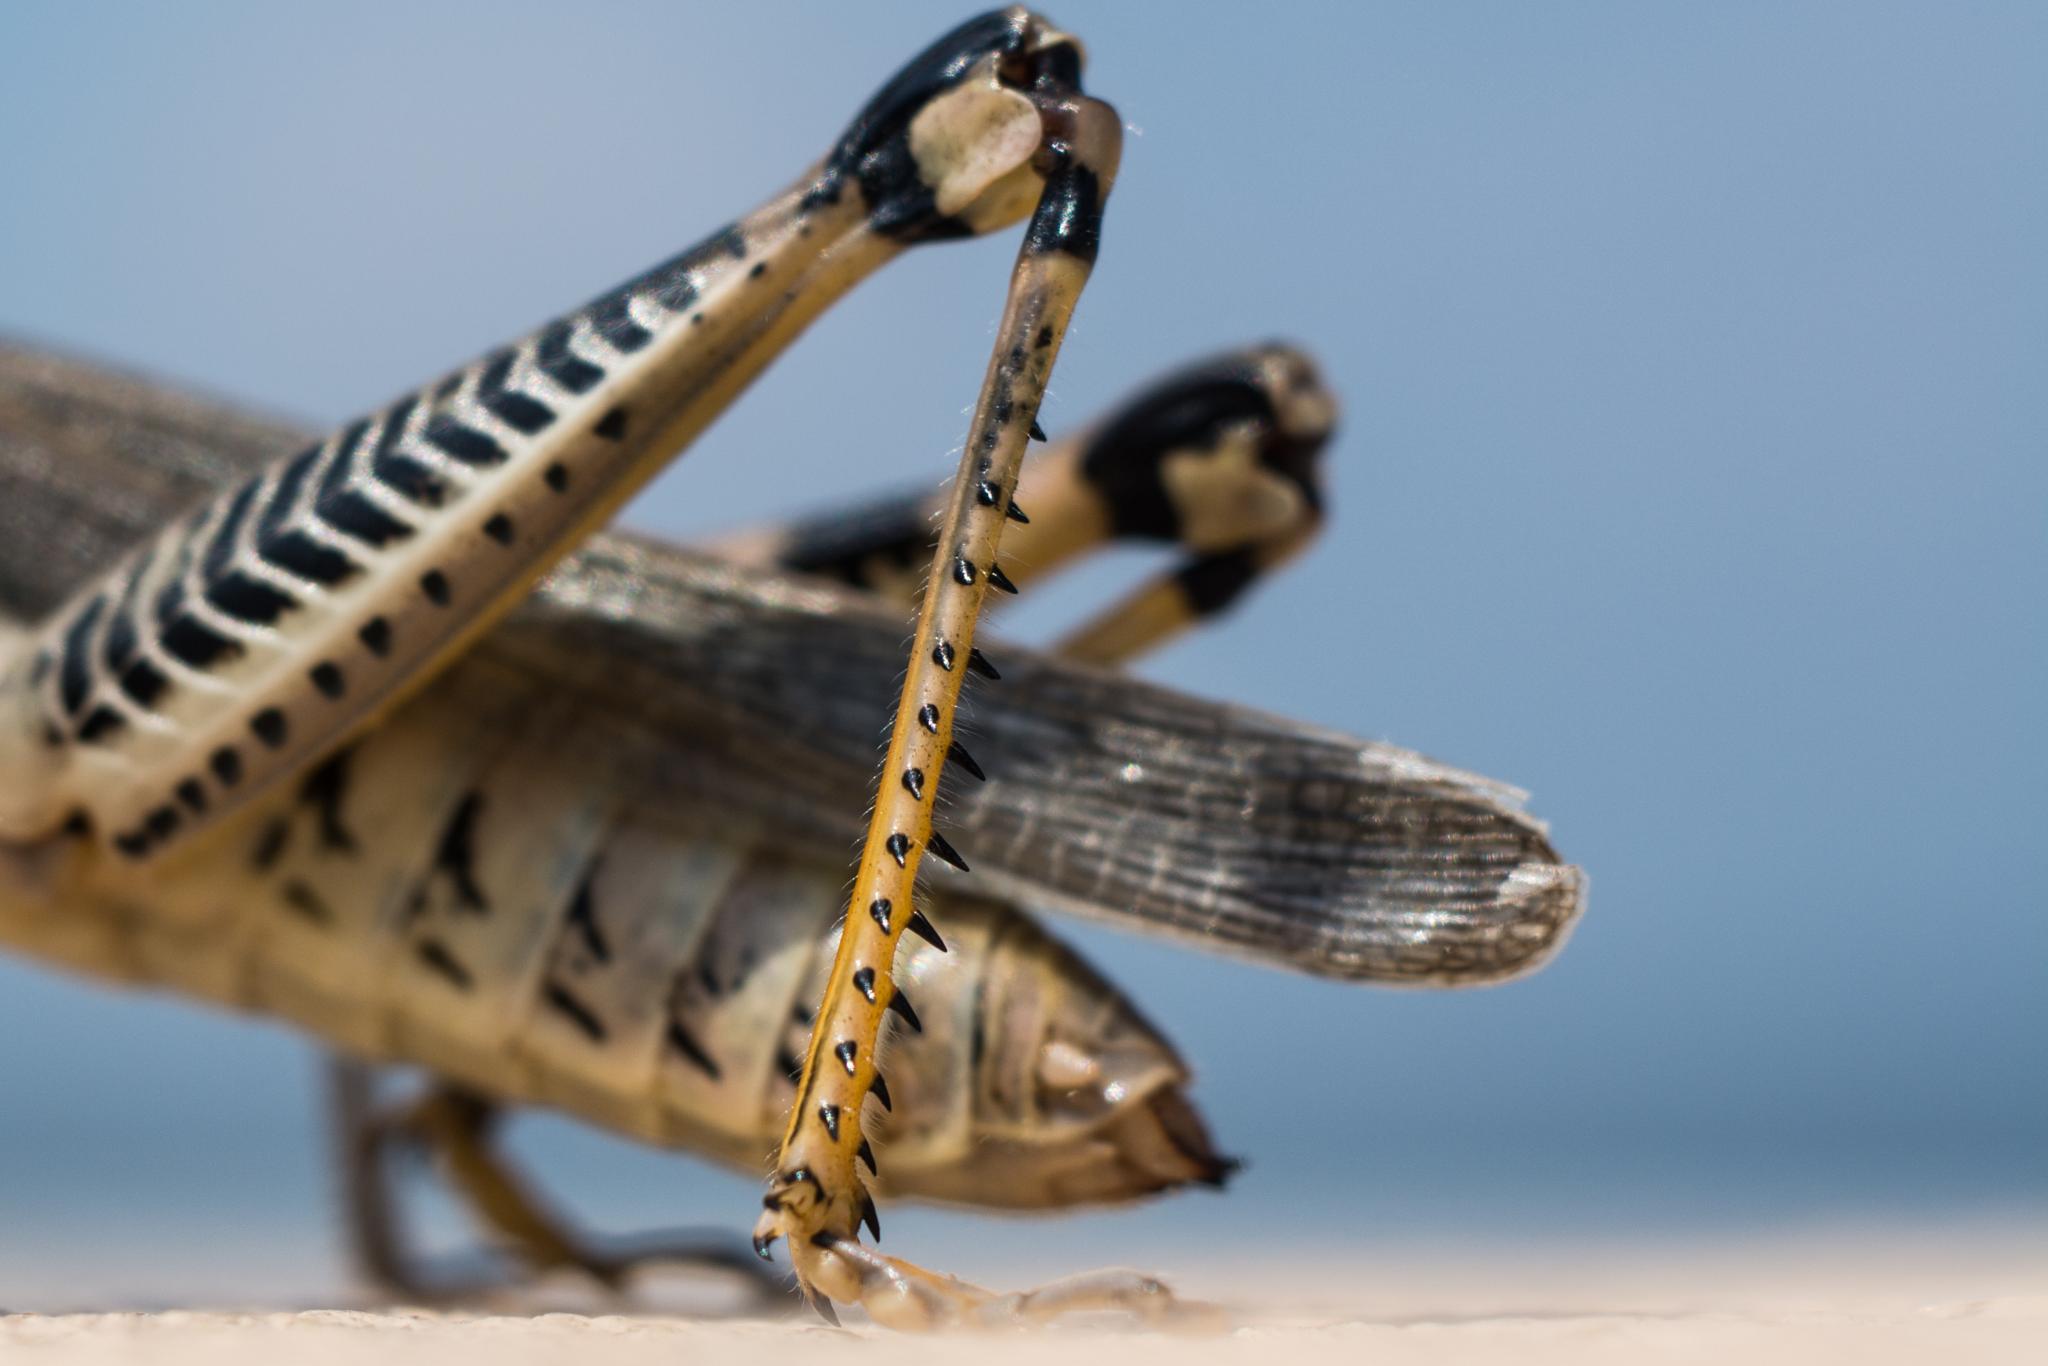 Grasshopper by serkanzanagar